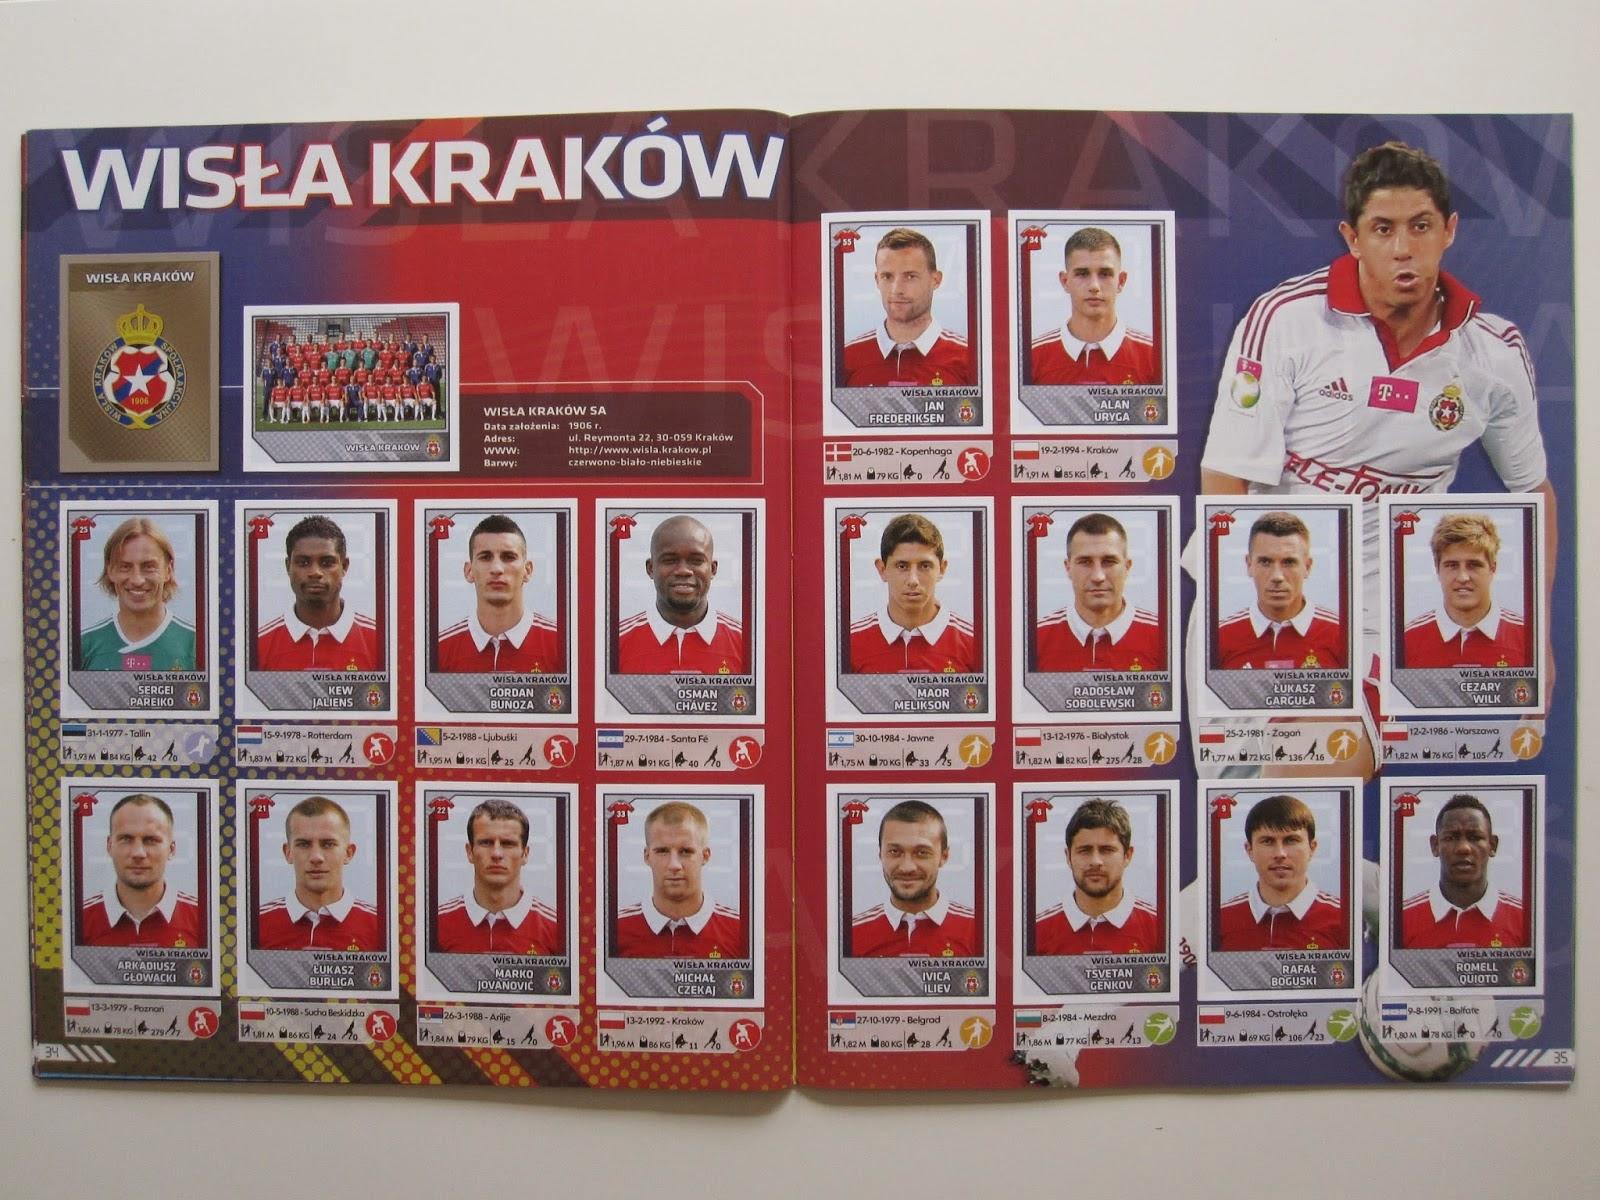 Wisla Krakow: Download Wisla Krakow Wallpapers HD Wallpaper